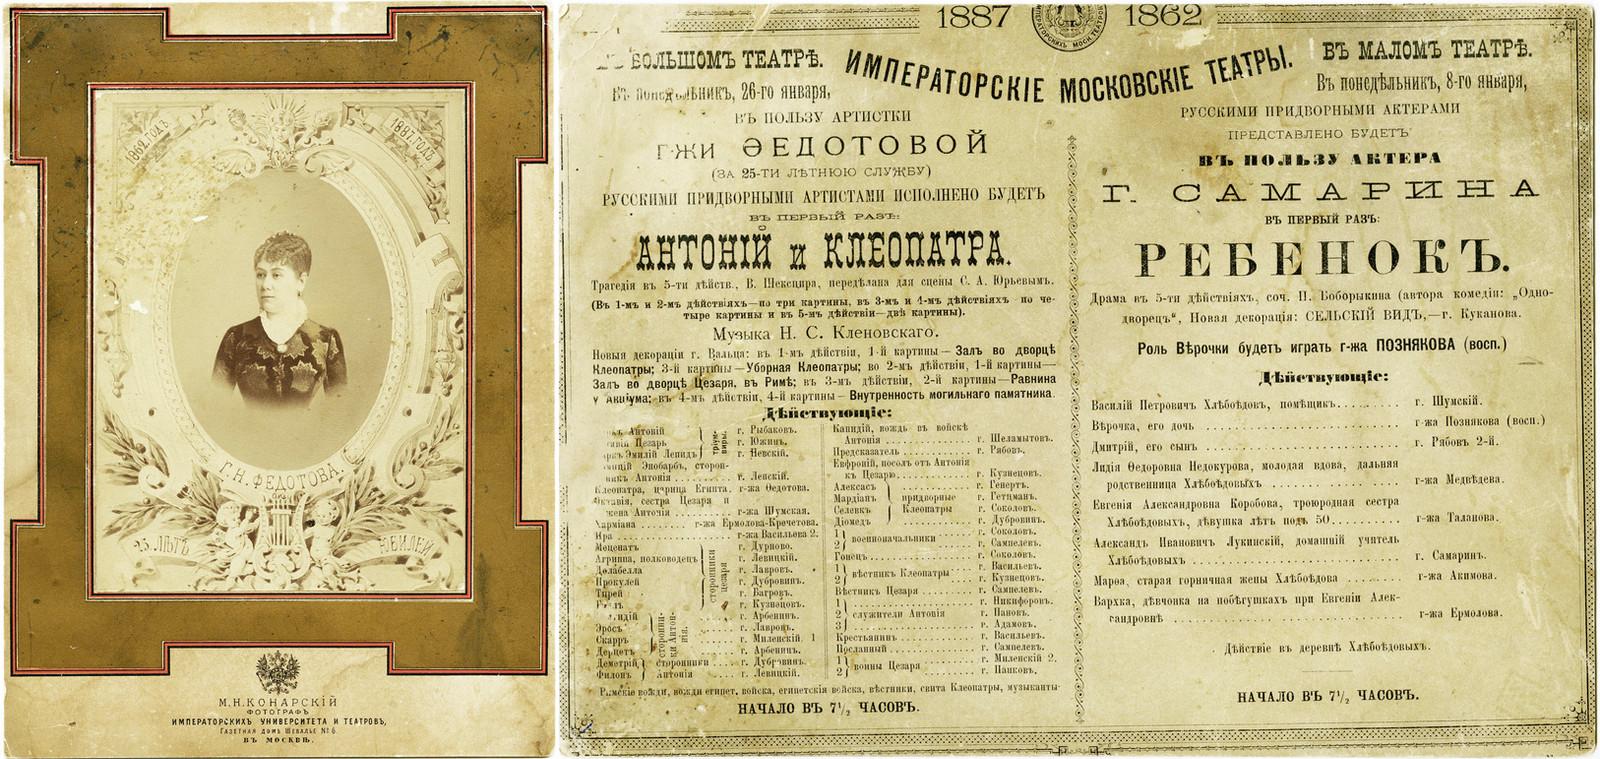 FEDOTOVA, G. N. (Федотова Г. Н.)